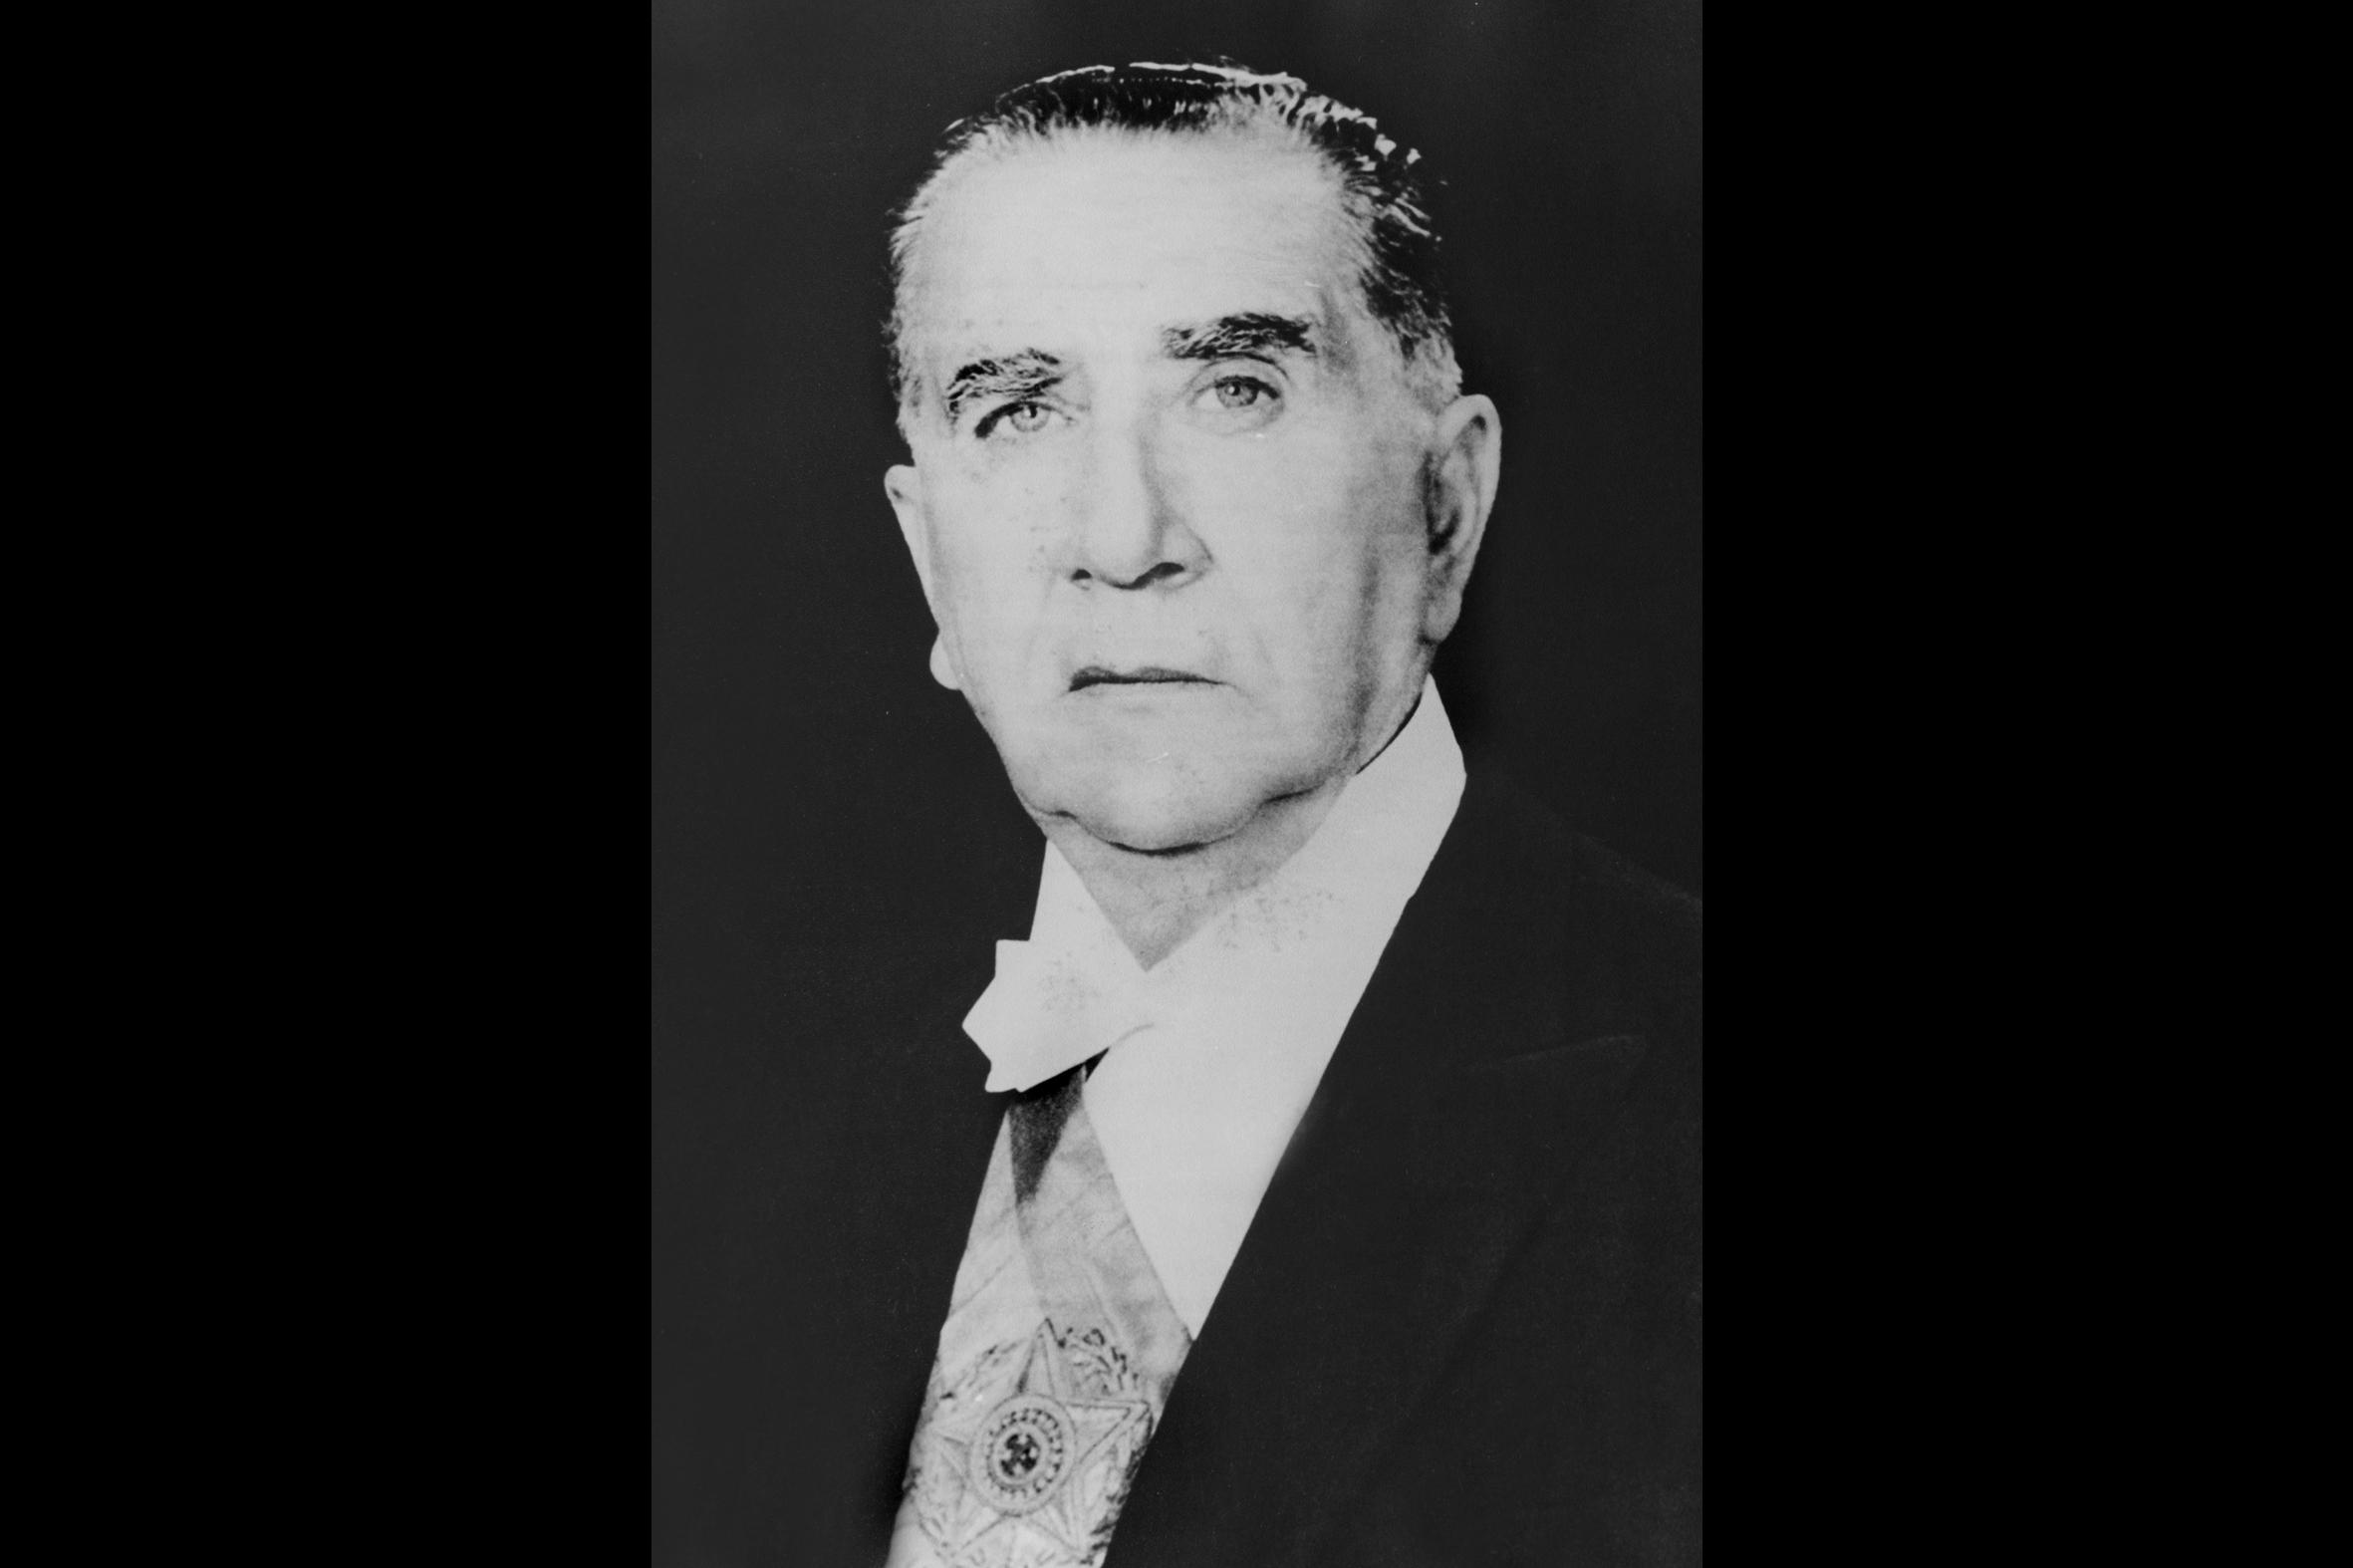 Emílio-Garrastazu-Médici um dos presidentes militares do Brasil